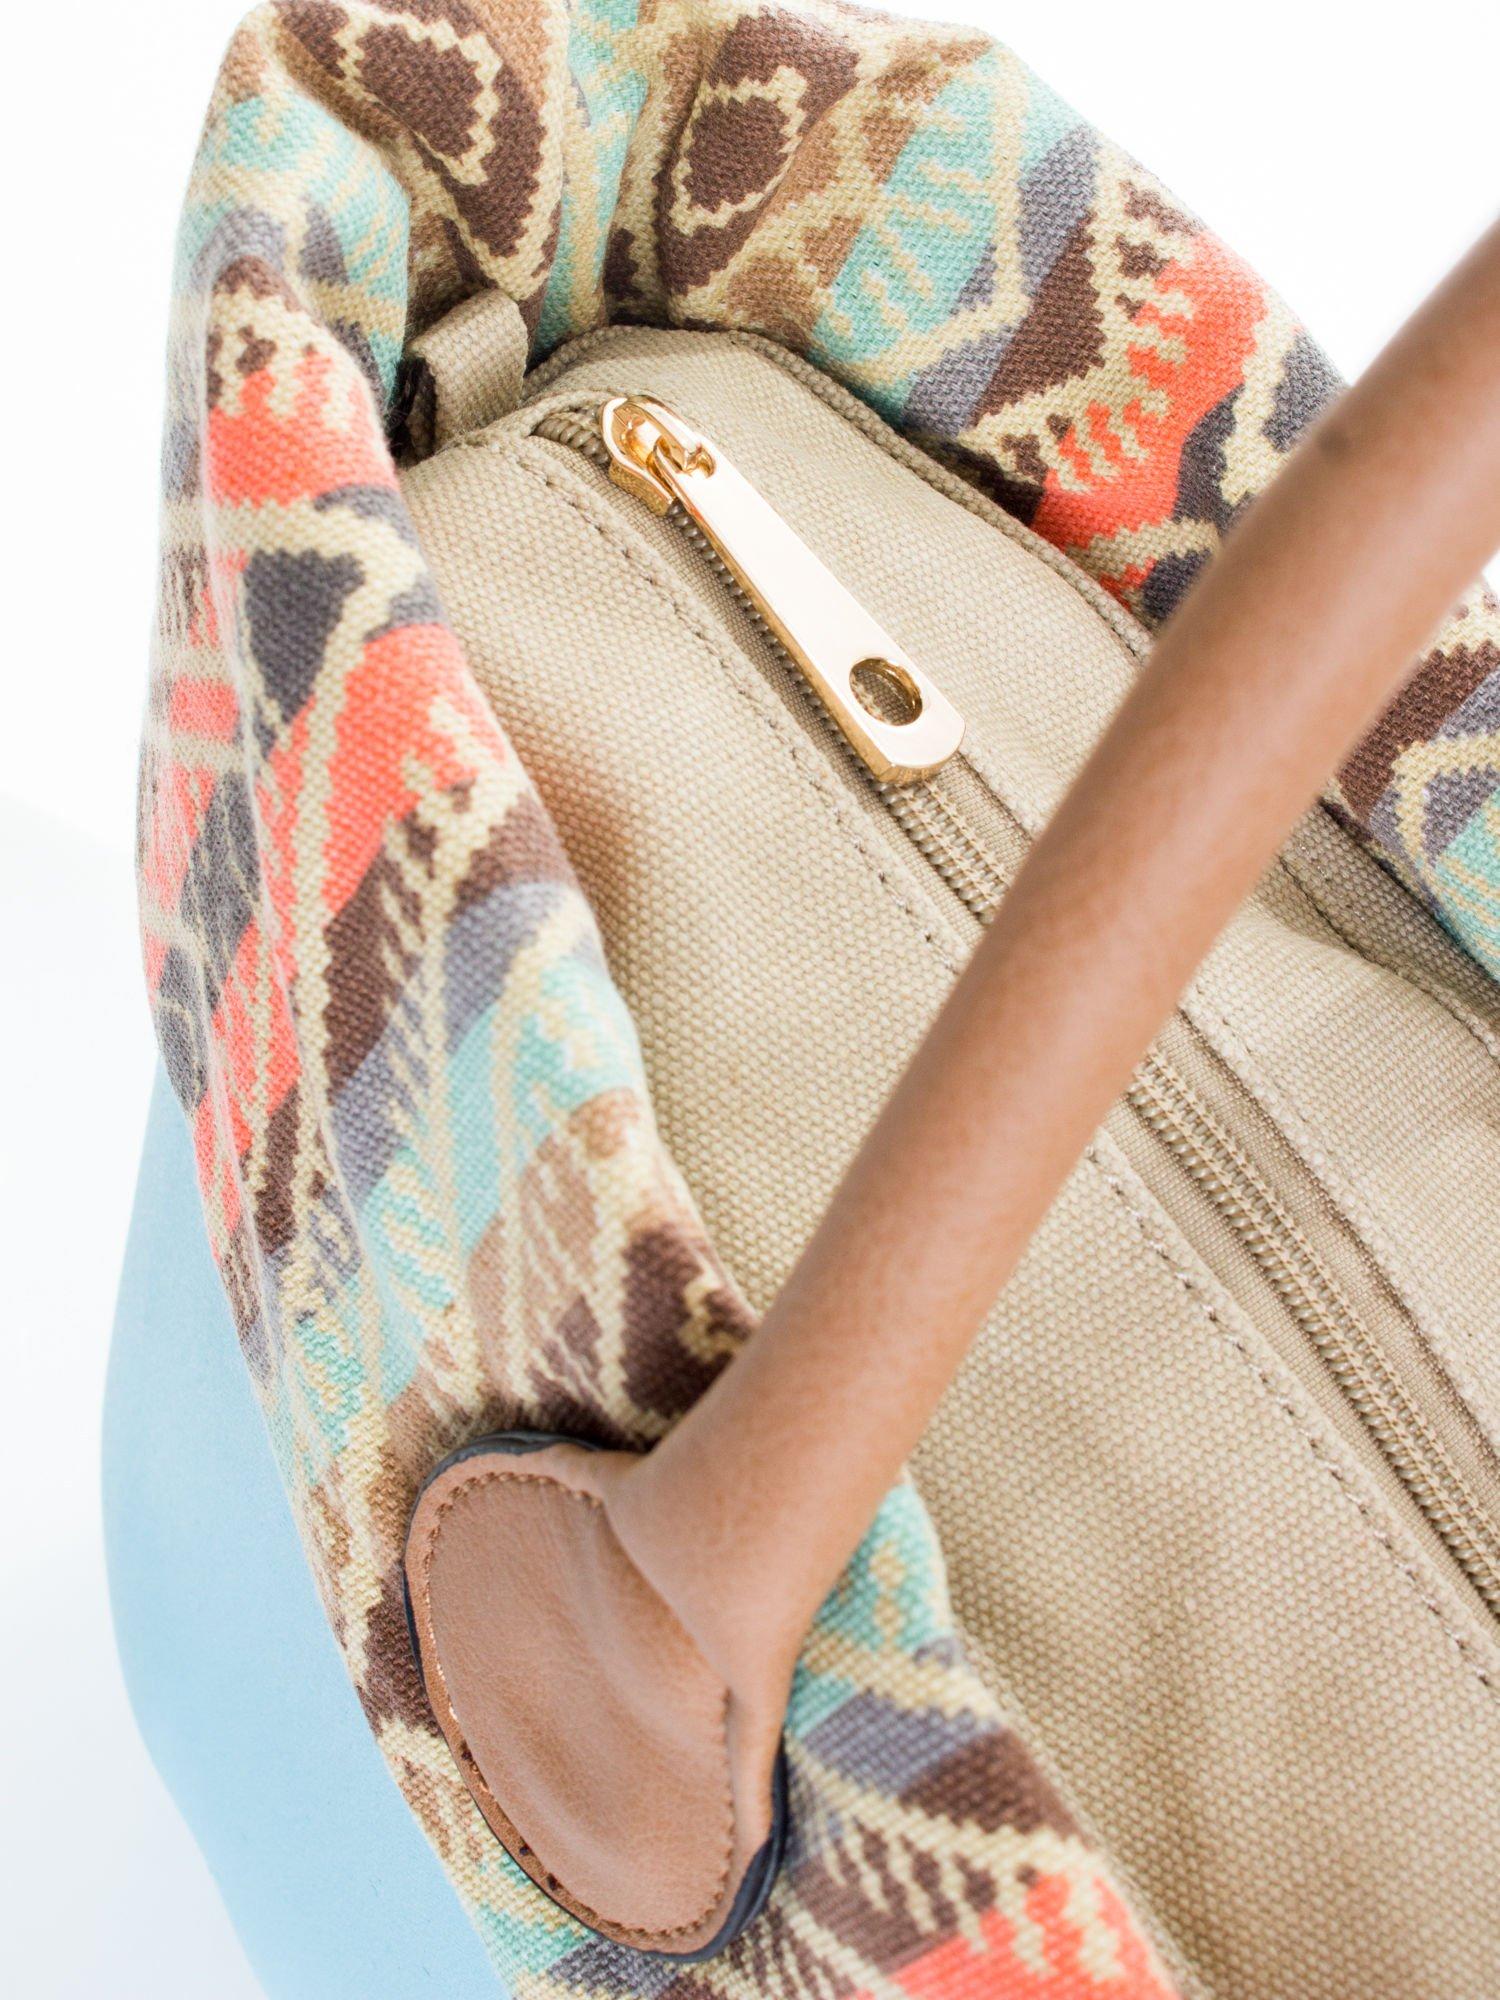 Jasnoniebieska torba gumowa z motywem azteckim                                  zdj.                                  4